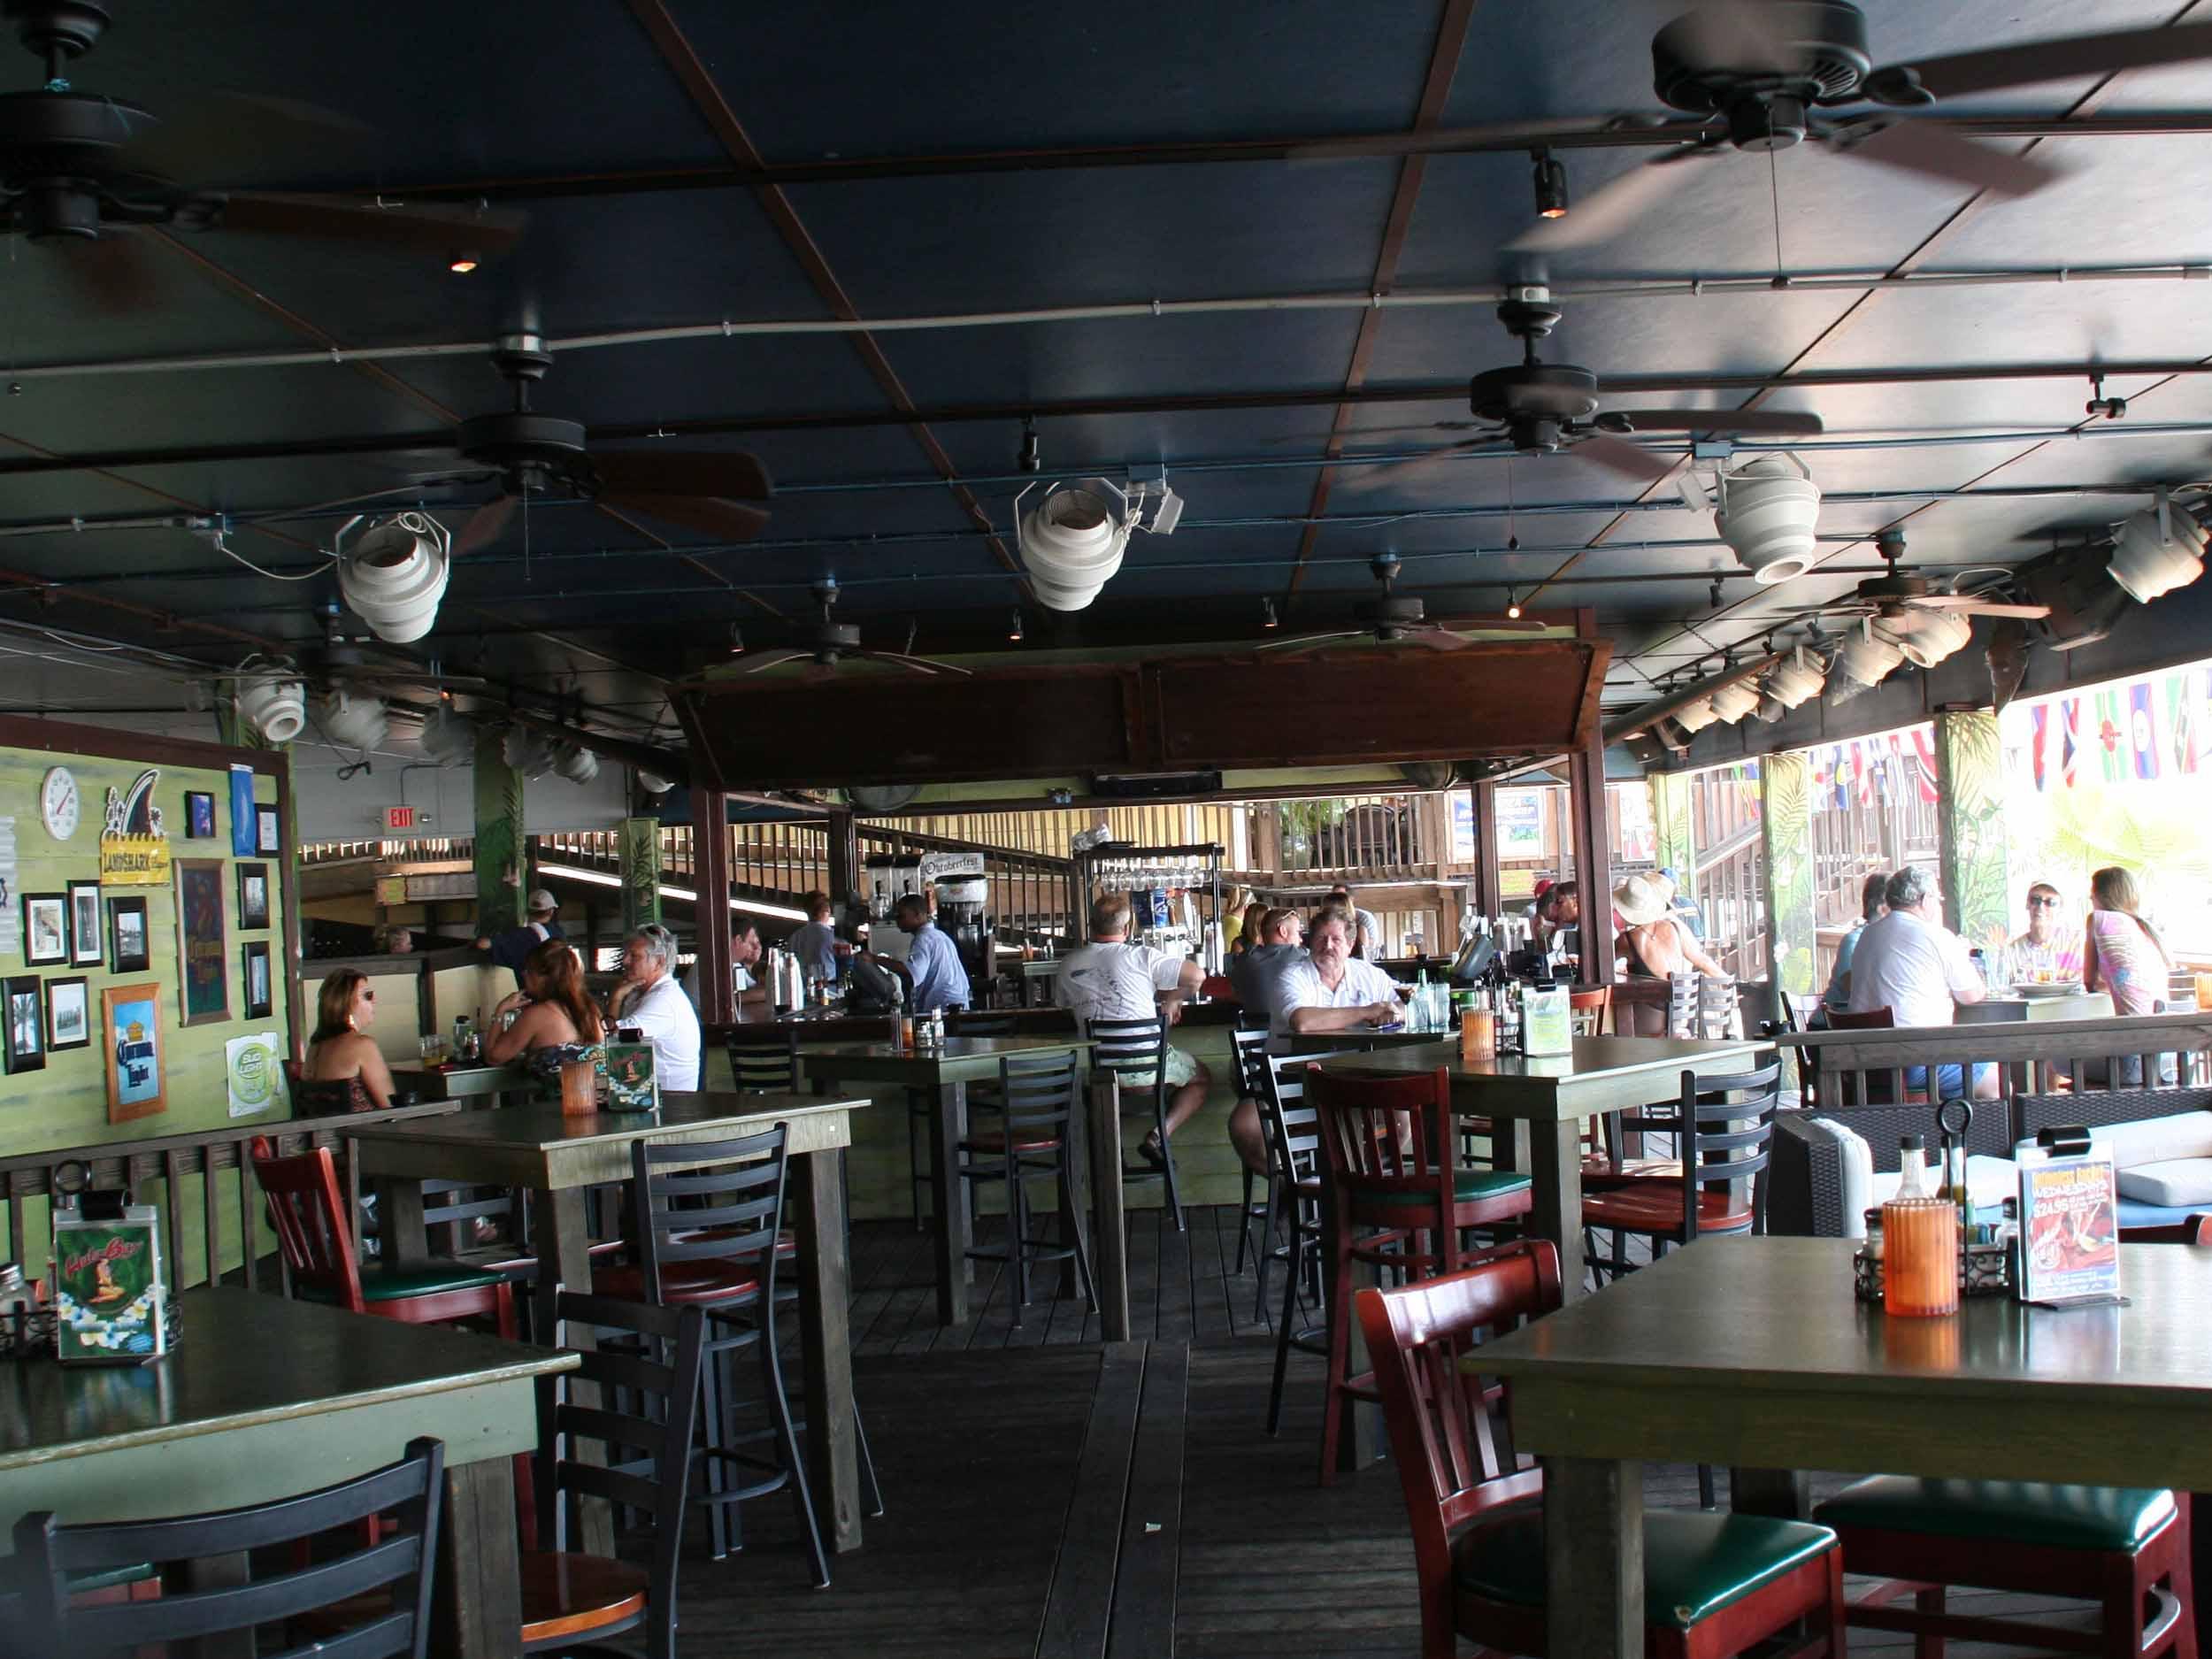 Duke's Retired Surfer's Bar Seating Area